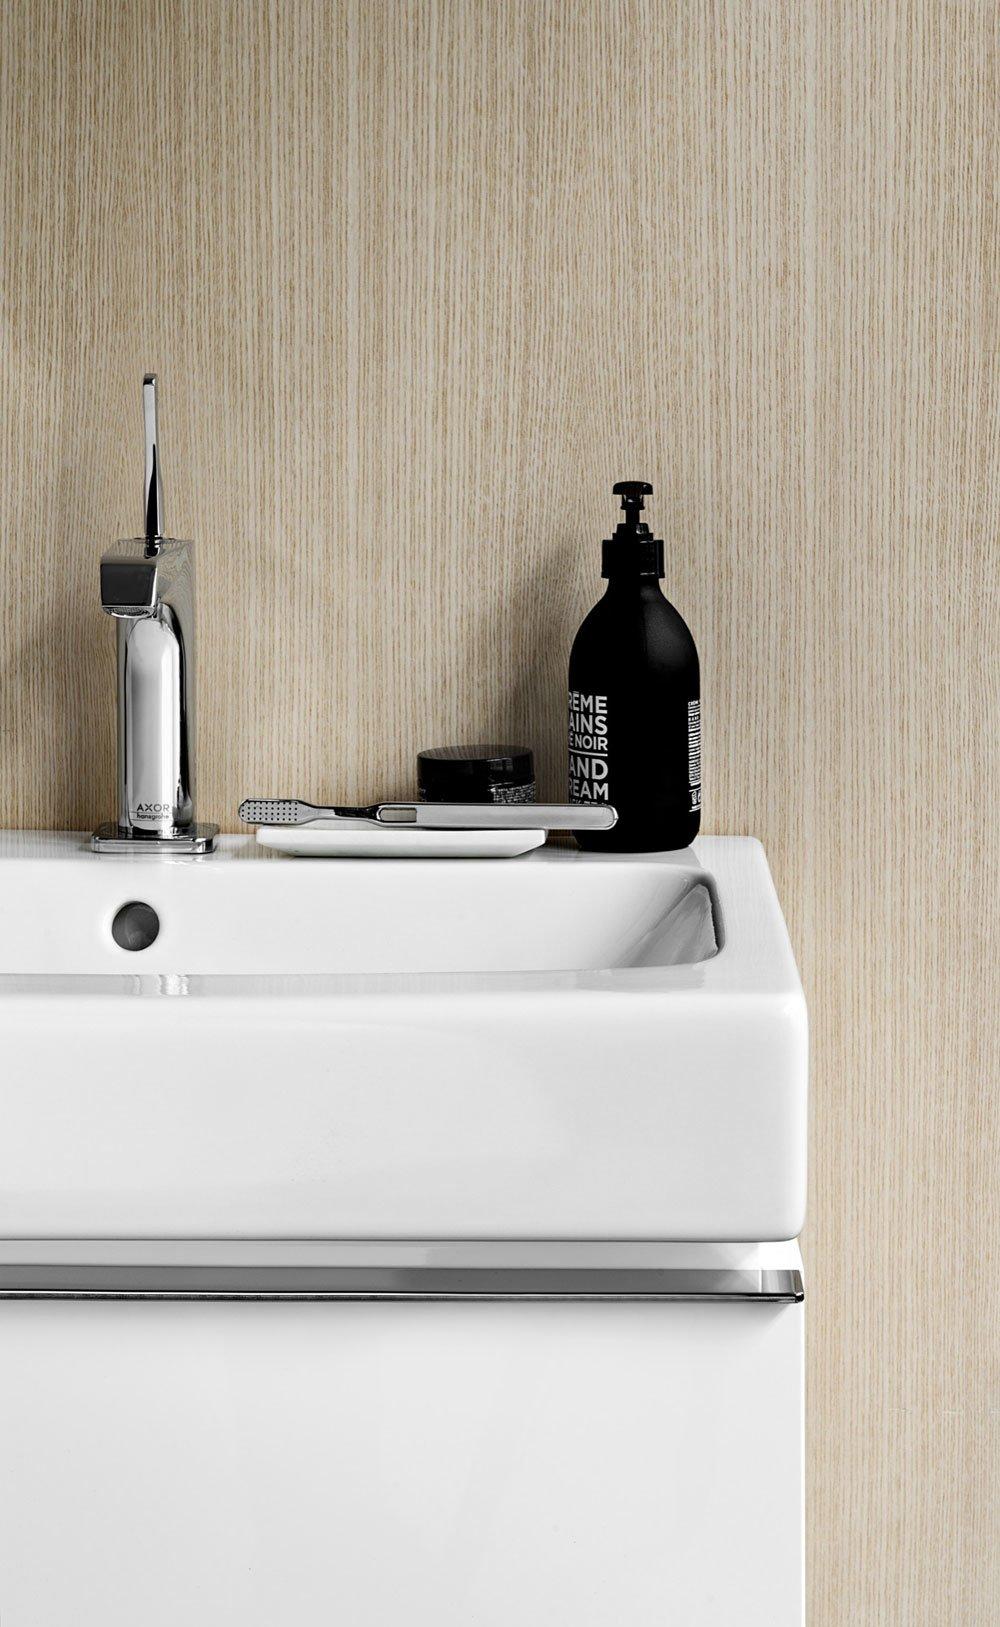 Mobili con lavabo composizione metrica da pozzi ginori for Arredo bagno pozzi ginori